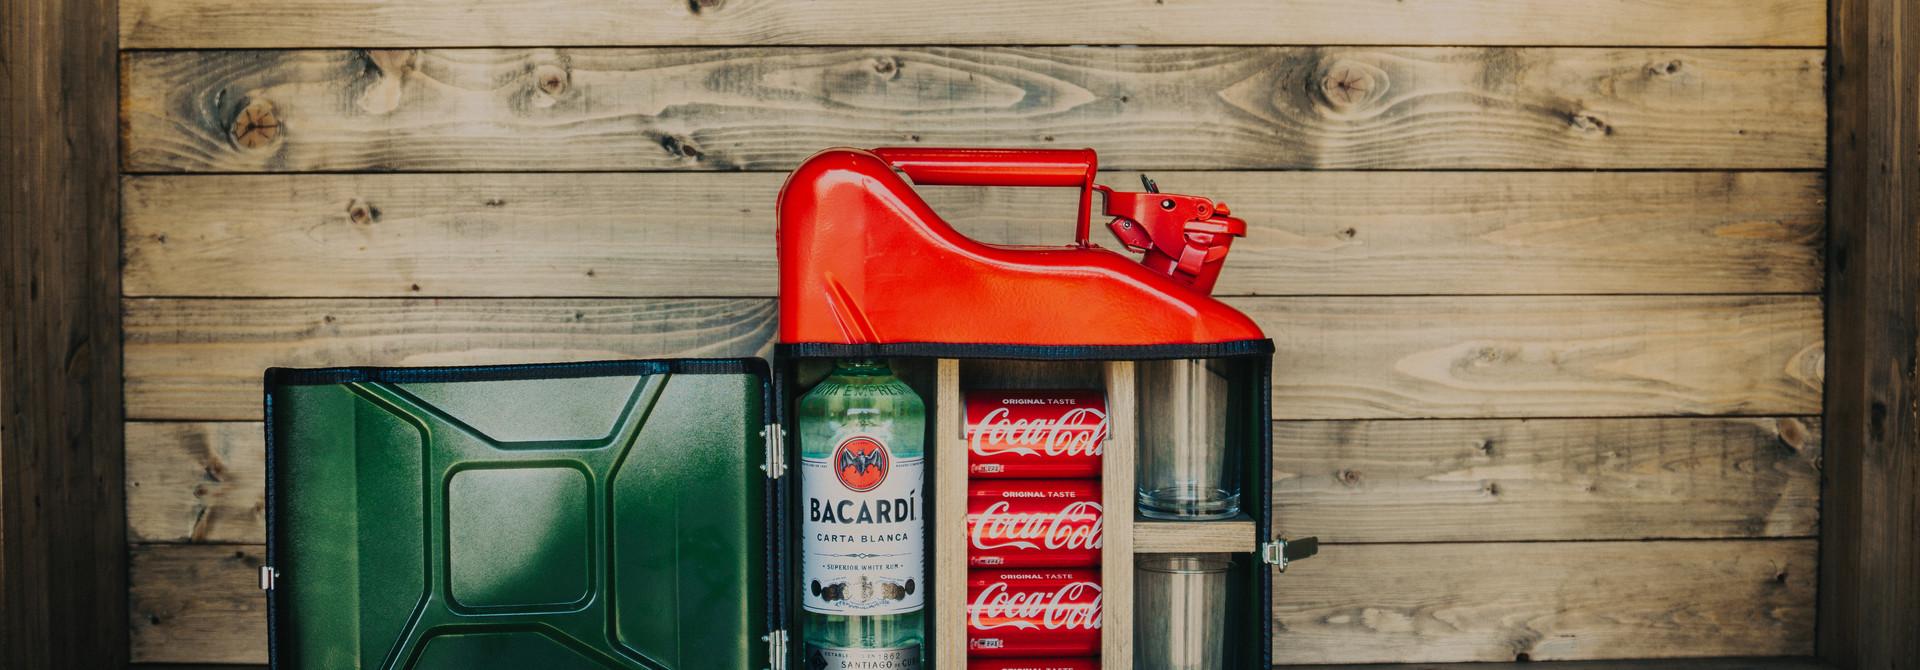 Jerrycan mini bar